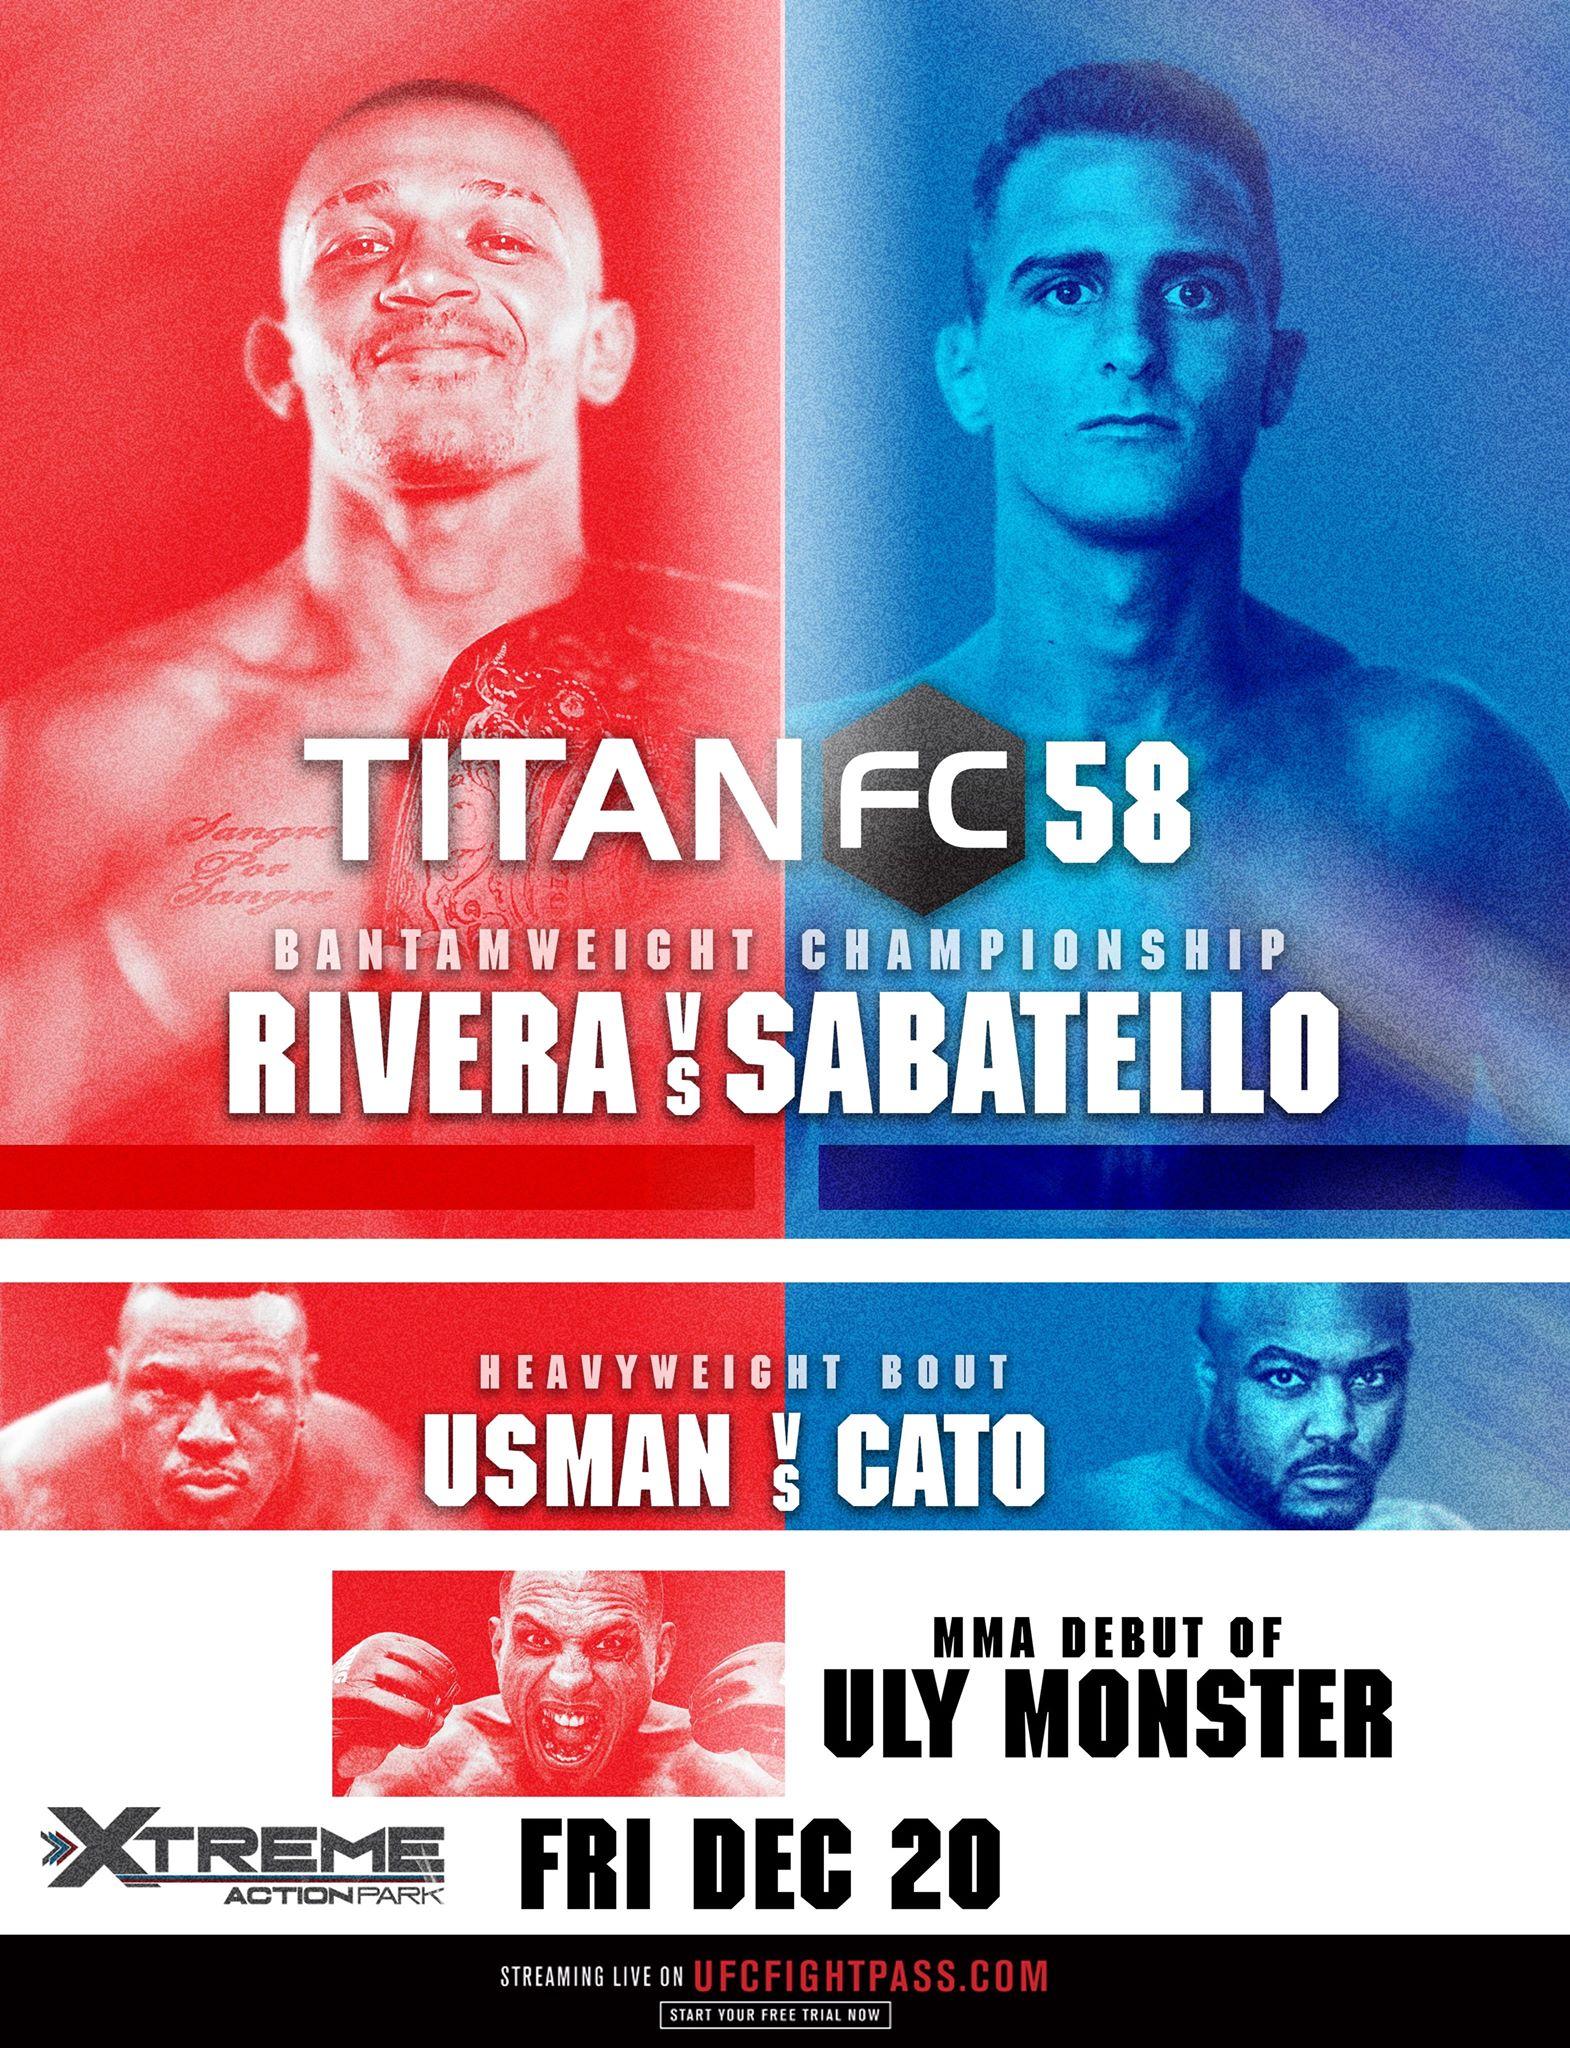 Titan FC 58